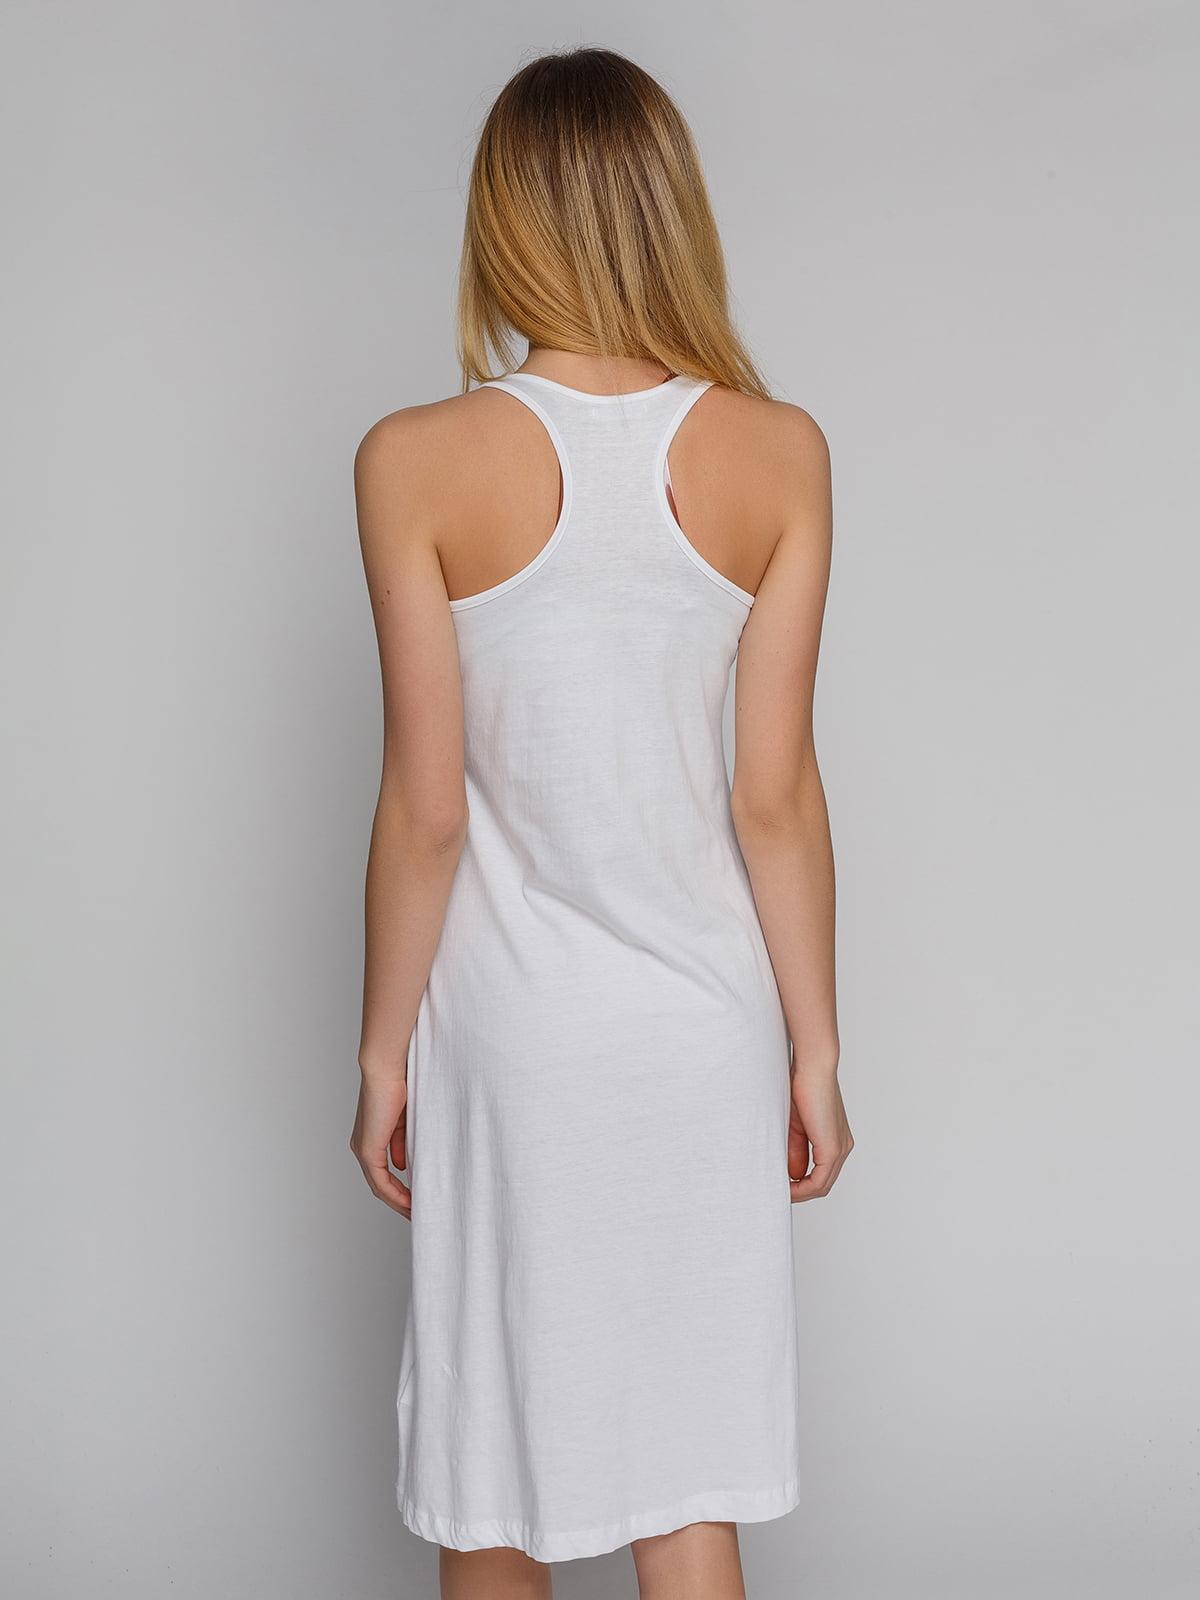 Сукня біла з принтом | 4855313 | фото 2